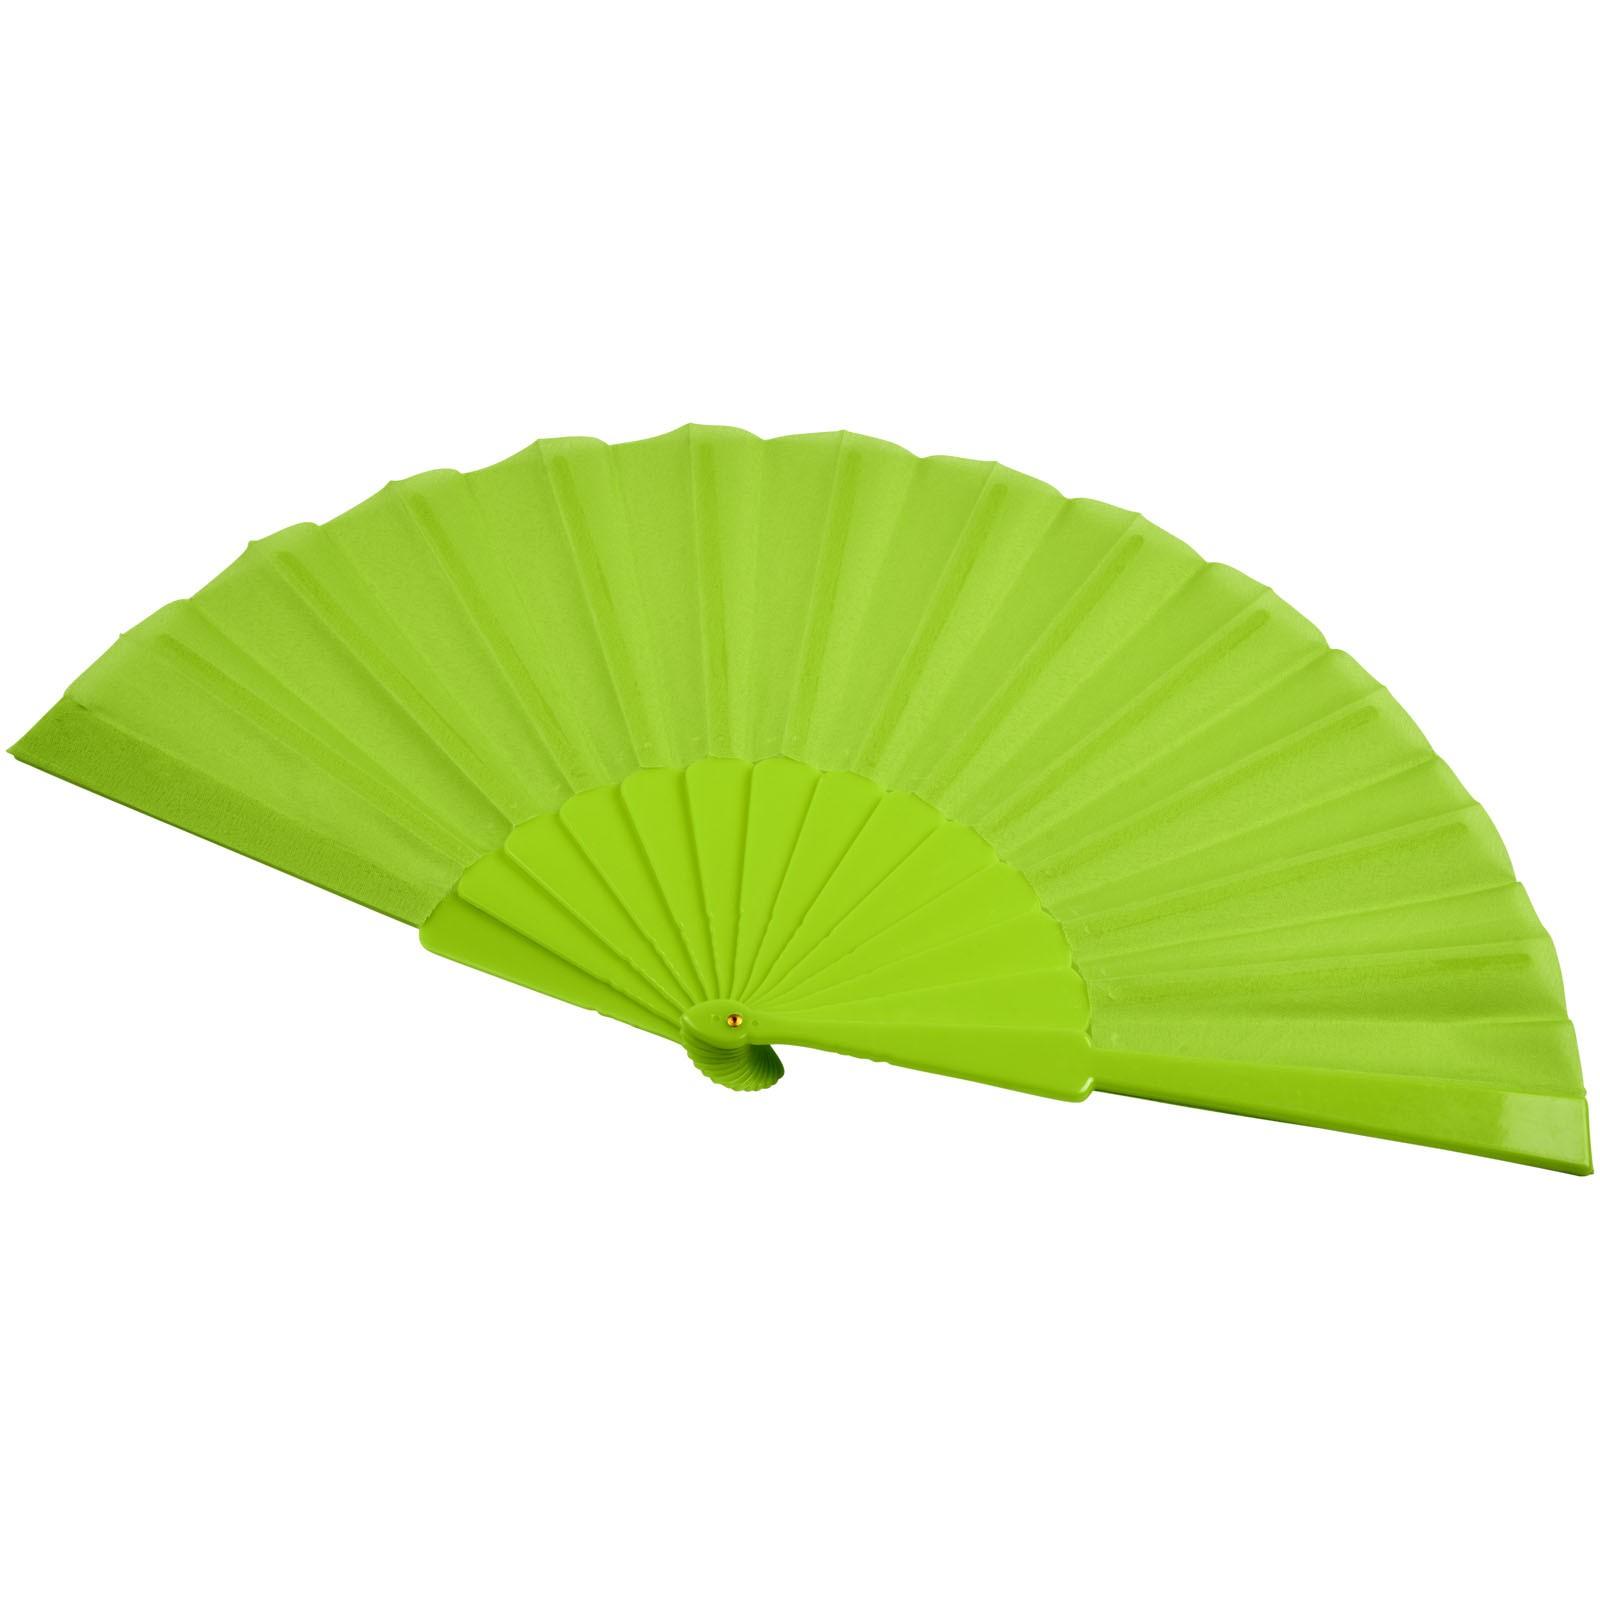 Składany wachlarz Maestral w pudełku papierowym - Zielony